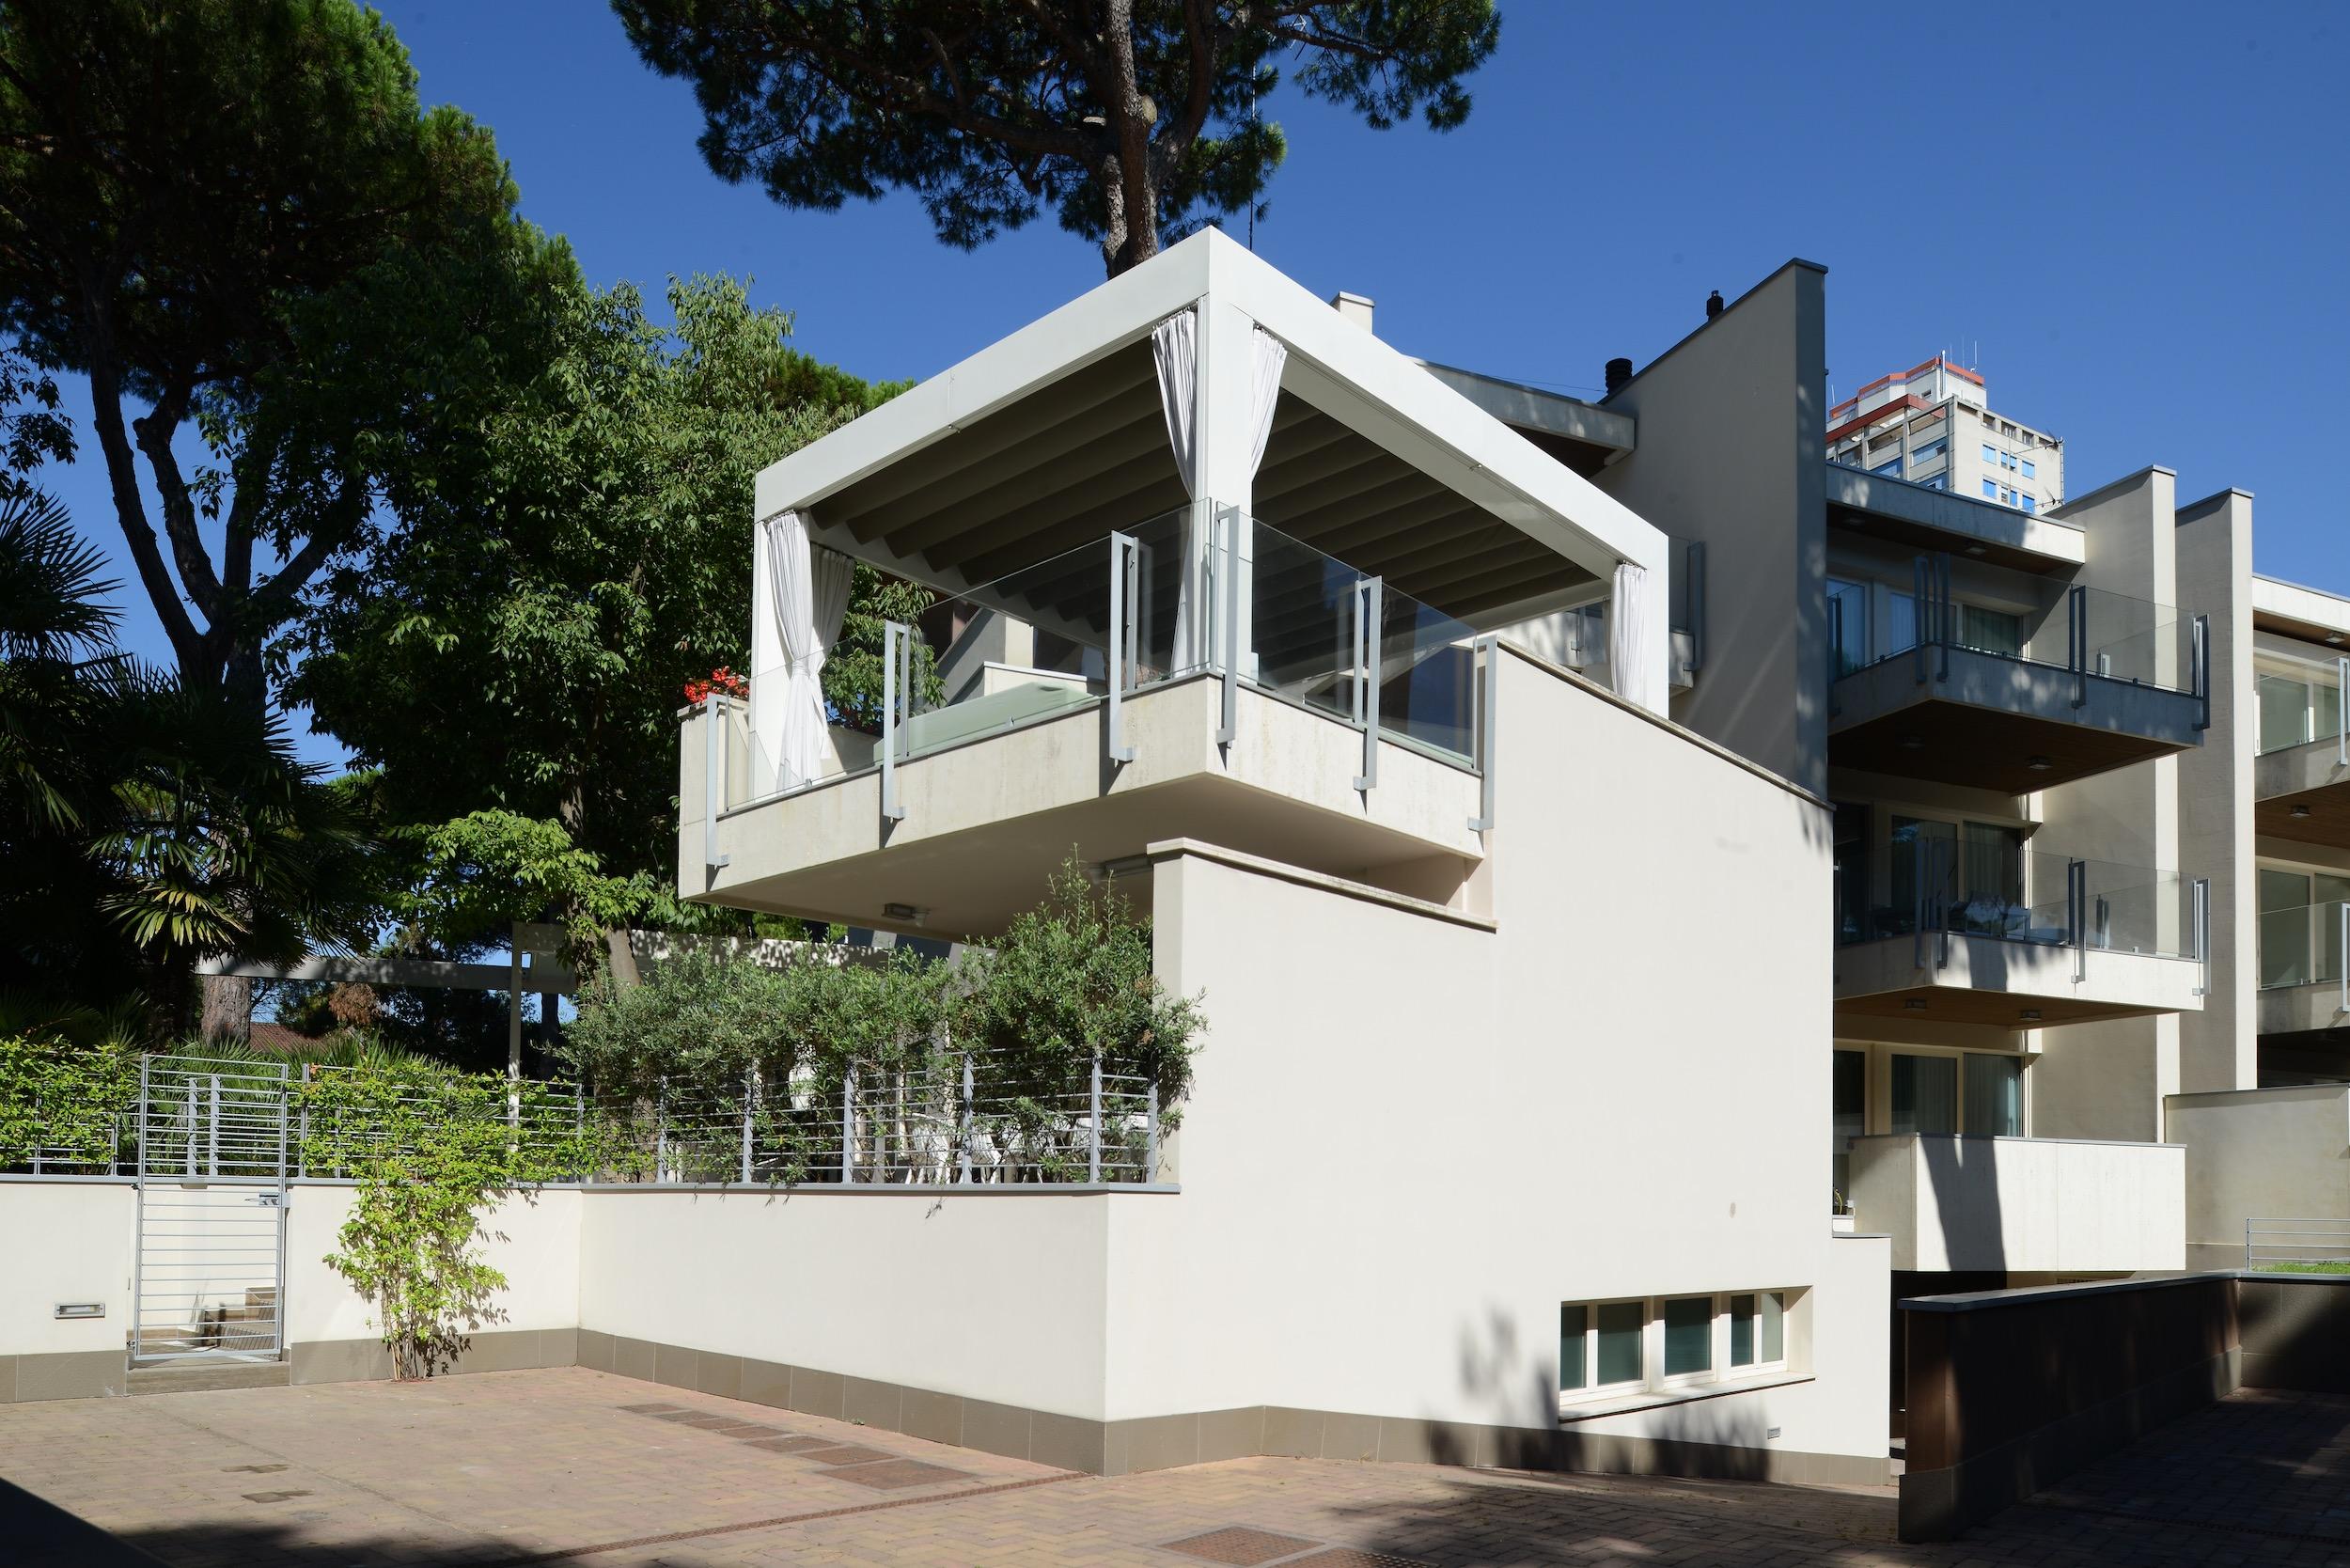 4279 Studio Bacchi Architetti MiMa